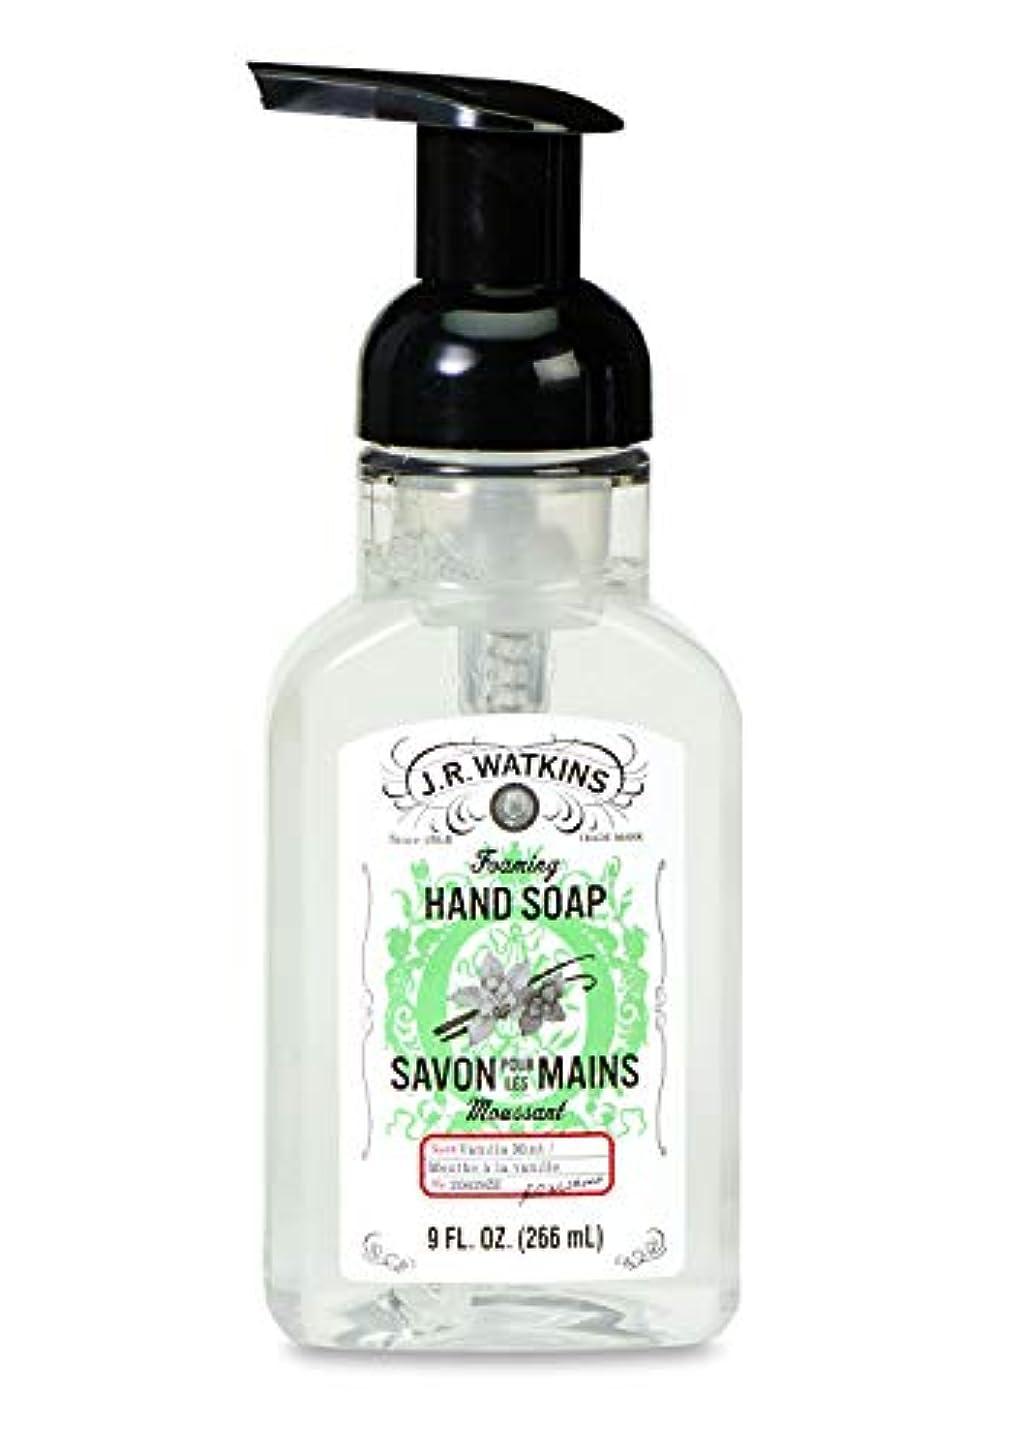 気絶させるうっかり見せますJ.R.Watkins/フォーミングハンドソープ バニラミント 266ml リラックス 石鹸 泡石鹸 植物由来 洗浄力